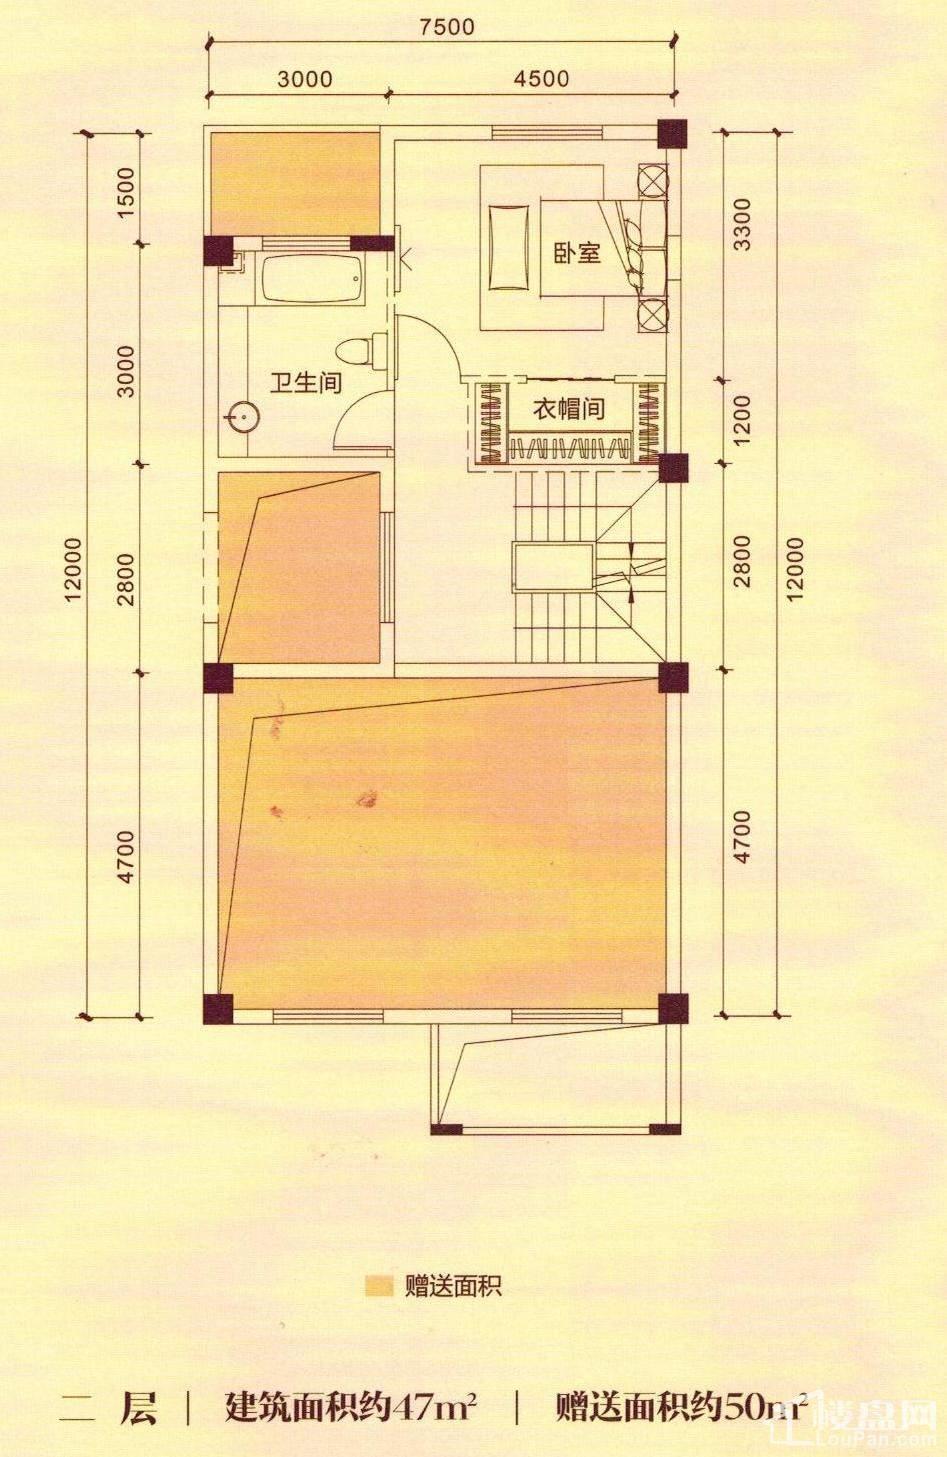 H1二层户型